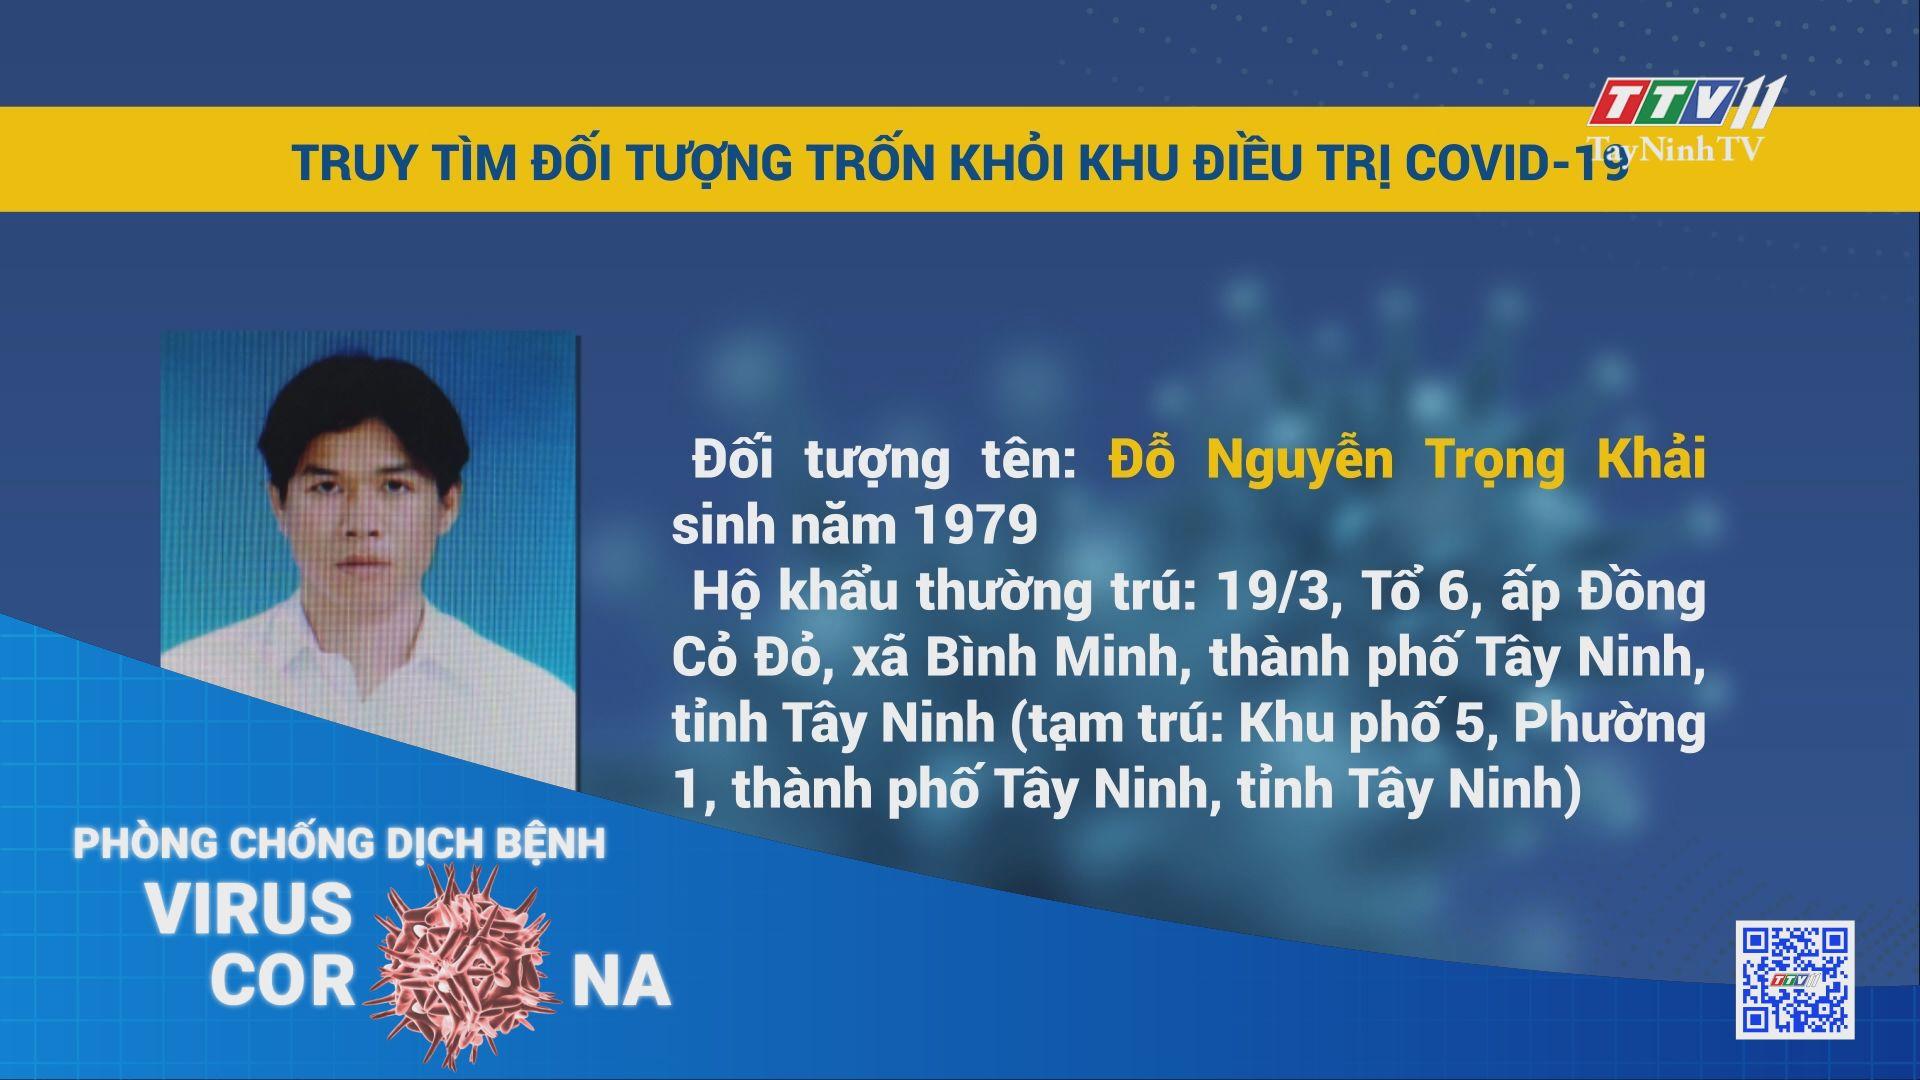 Truy truy tìm đối tượng trốn khỏi khu điều trị Covid-19 | THÔNG TIN DỊCH COVID-19 | TayNinhTV